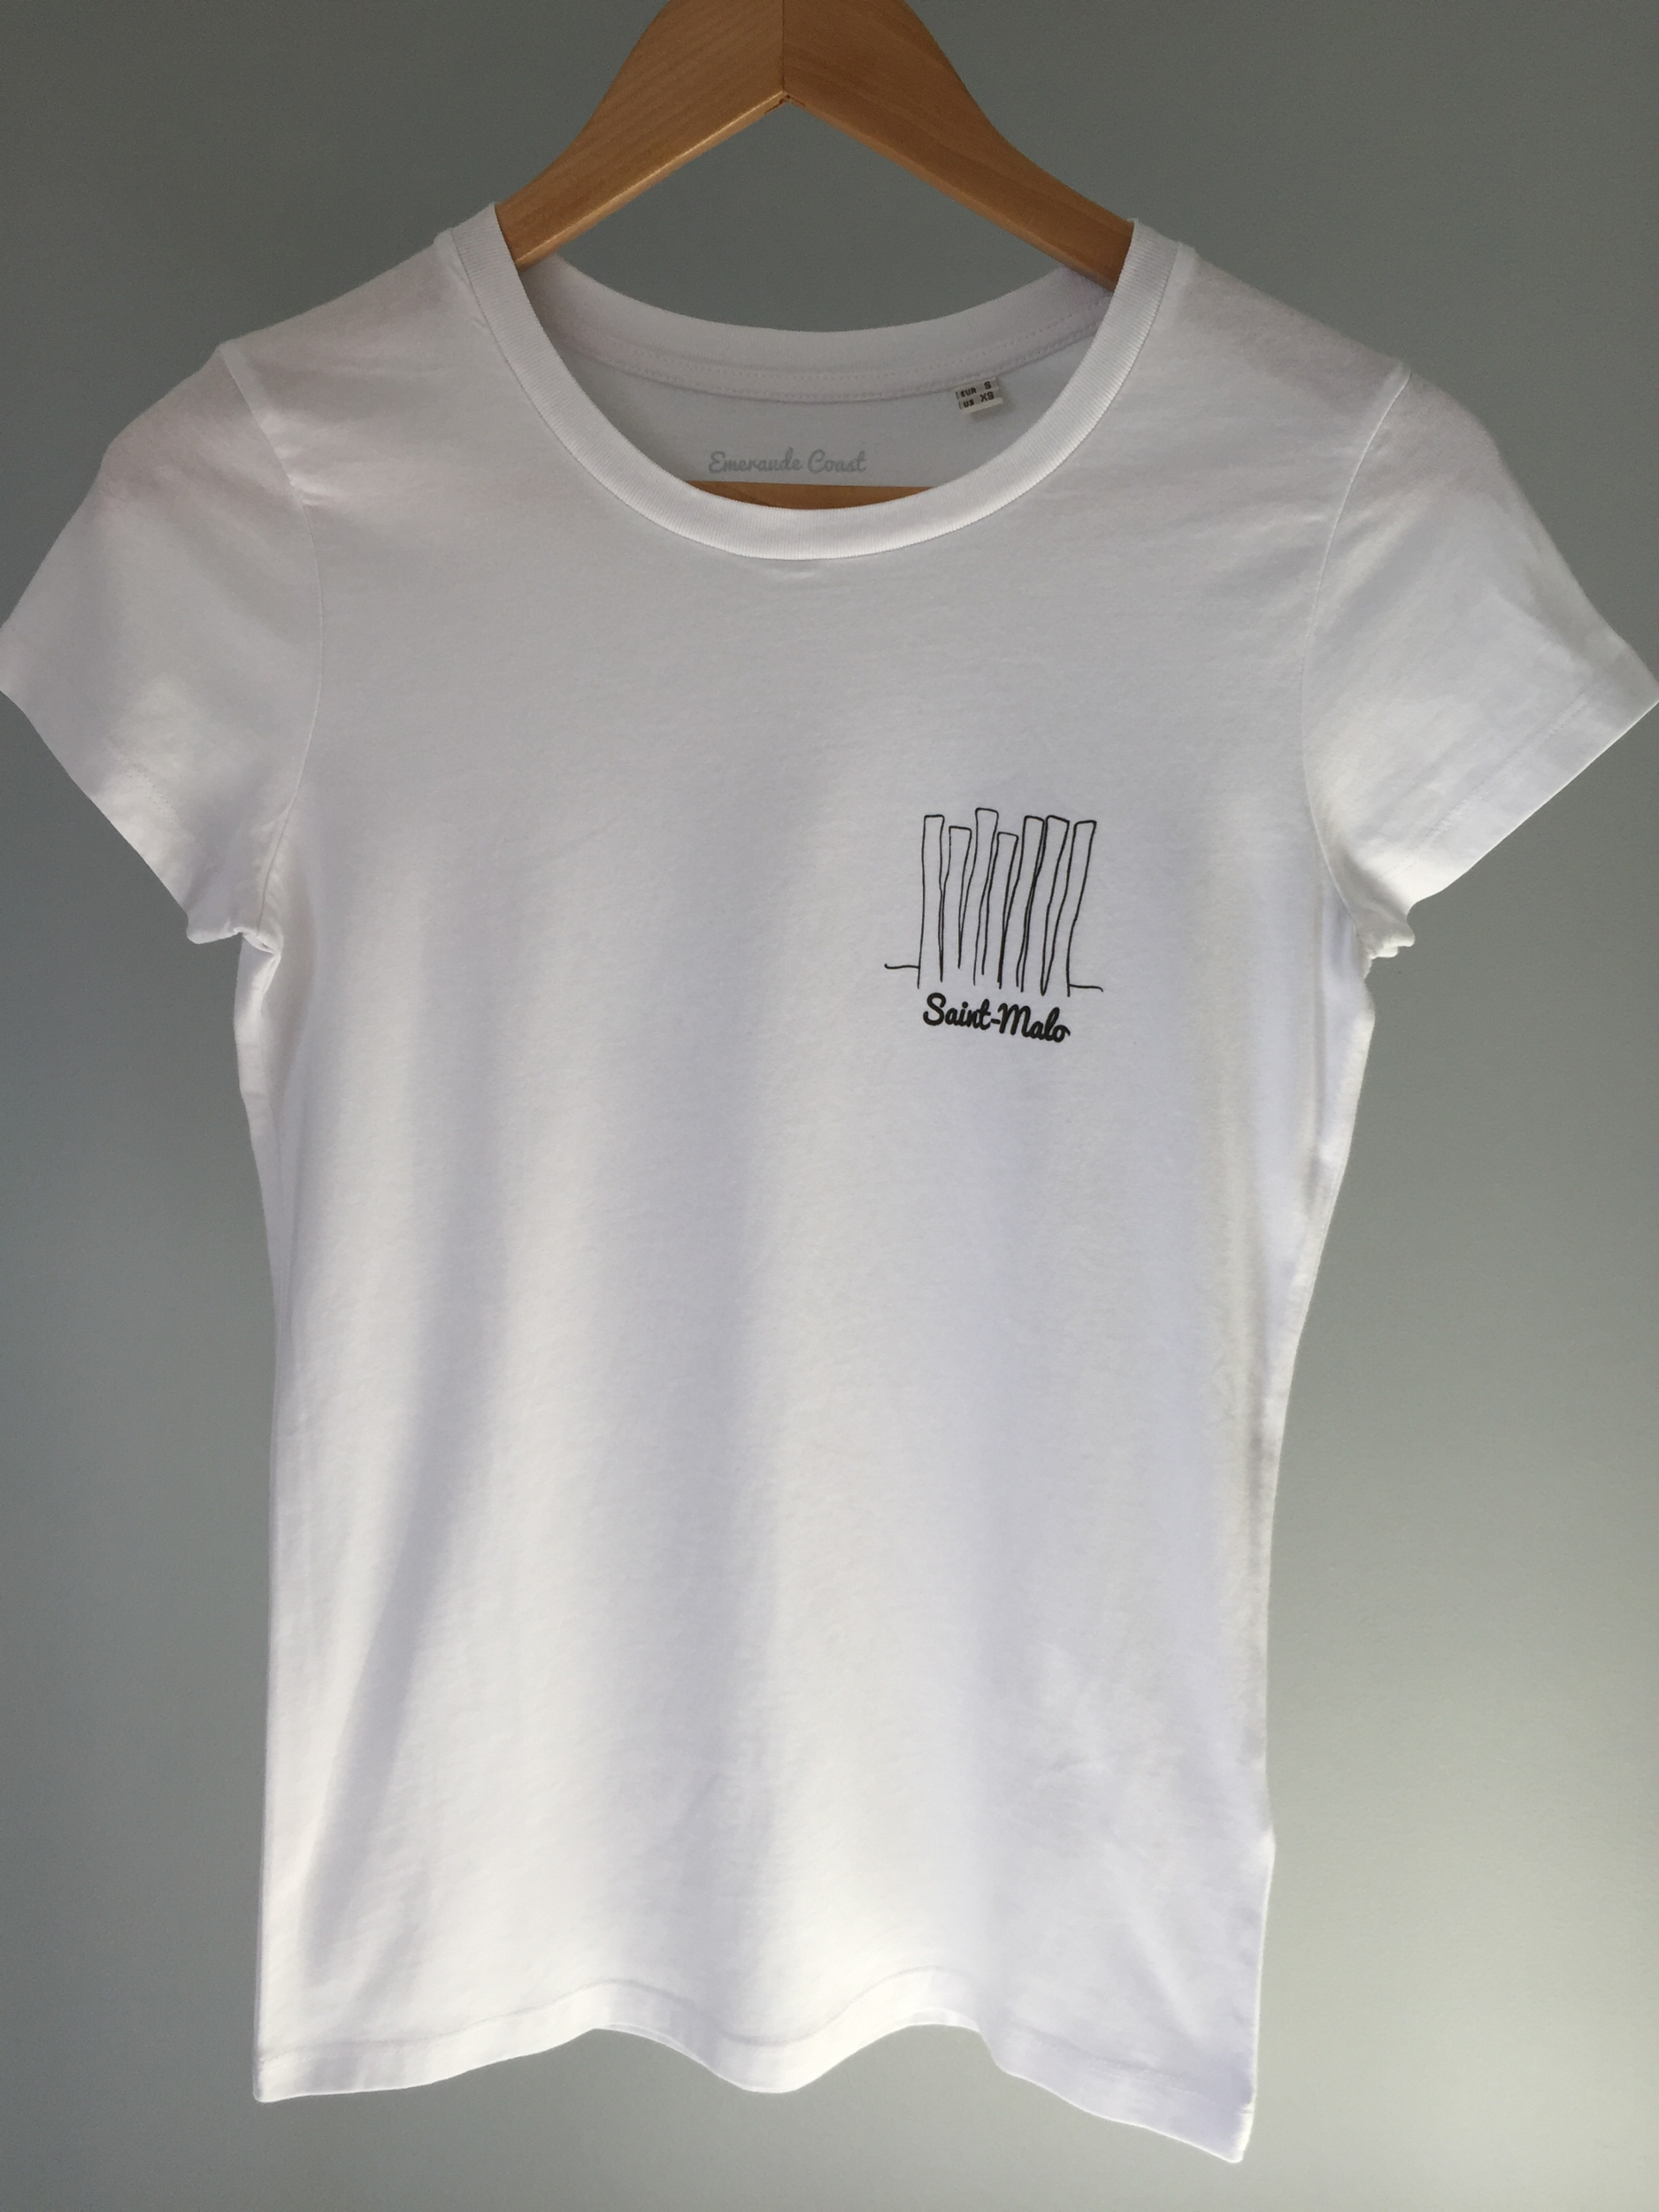 T-shirt Bio femme St-Malo Brise Lames